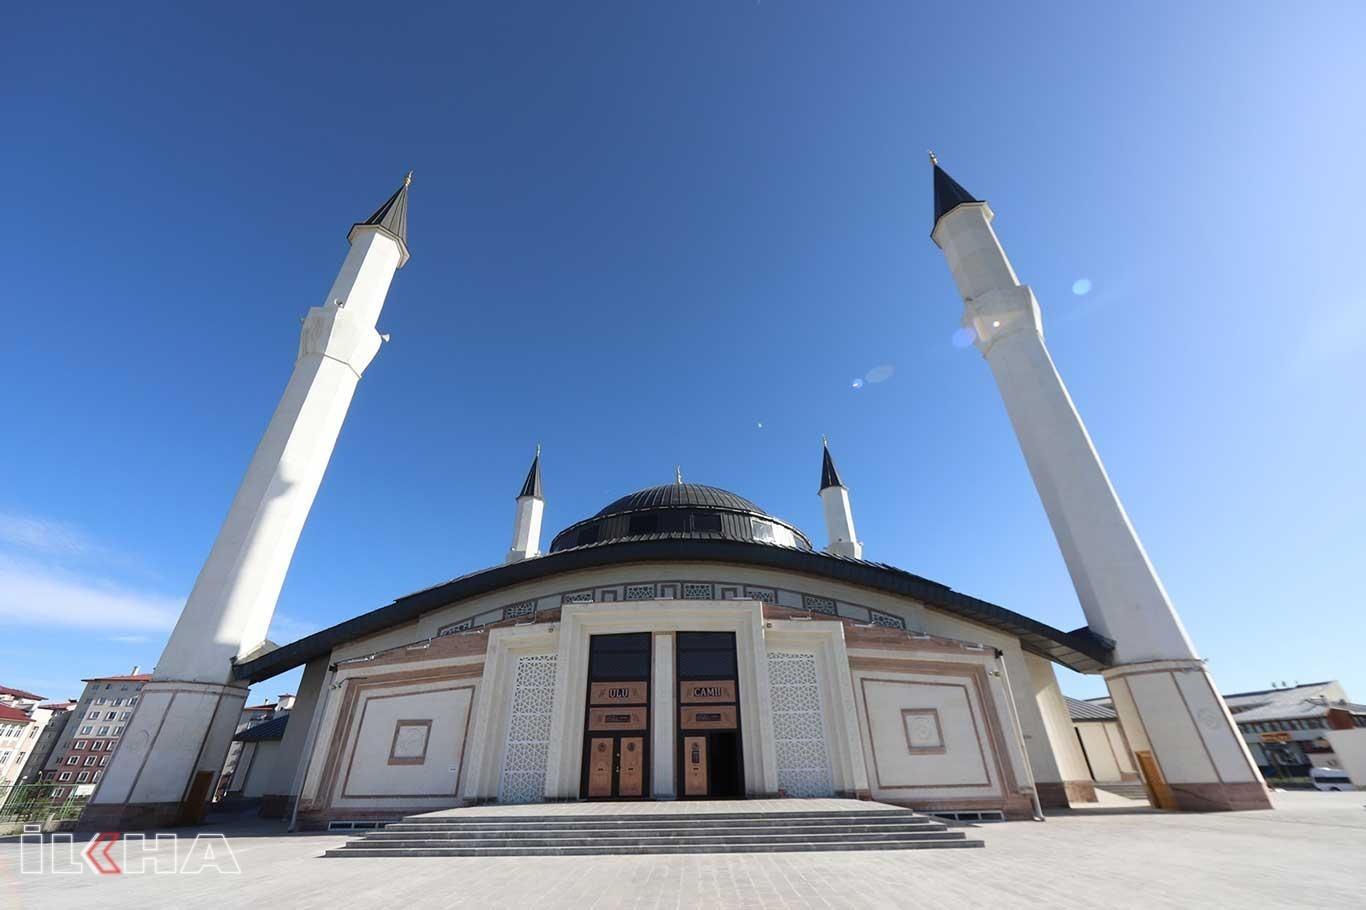 Ağrı Ulu Camii 71 gün sonra sessizlikten kurtuluyor